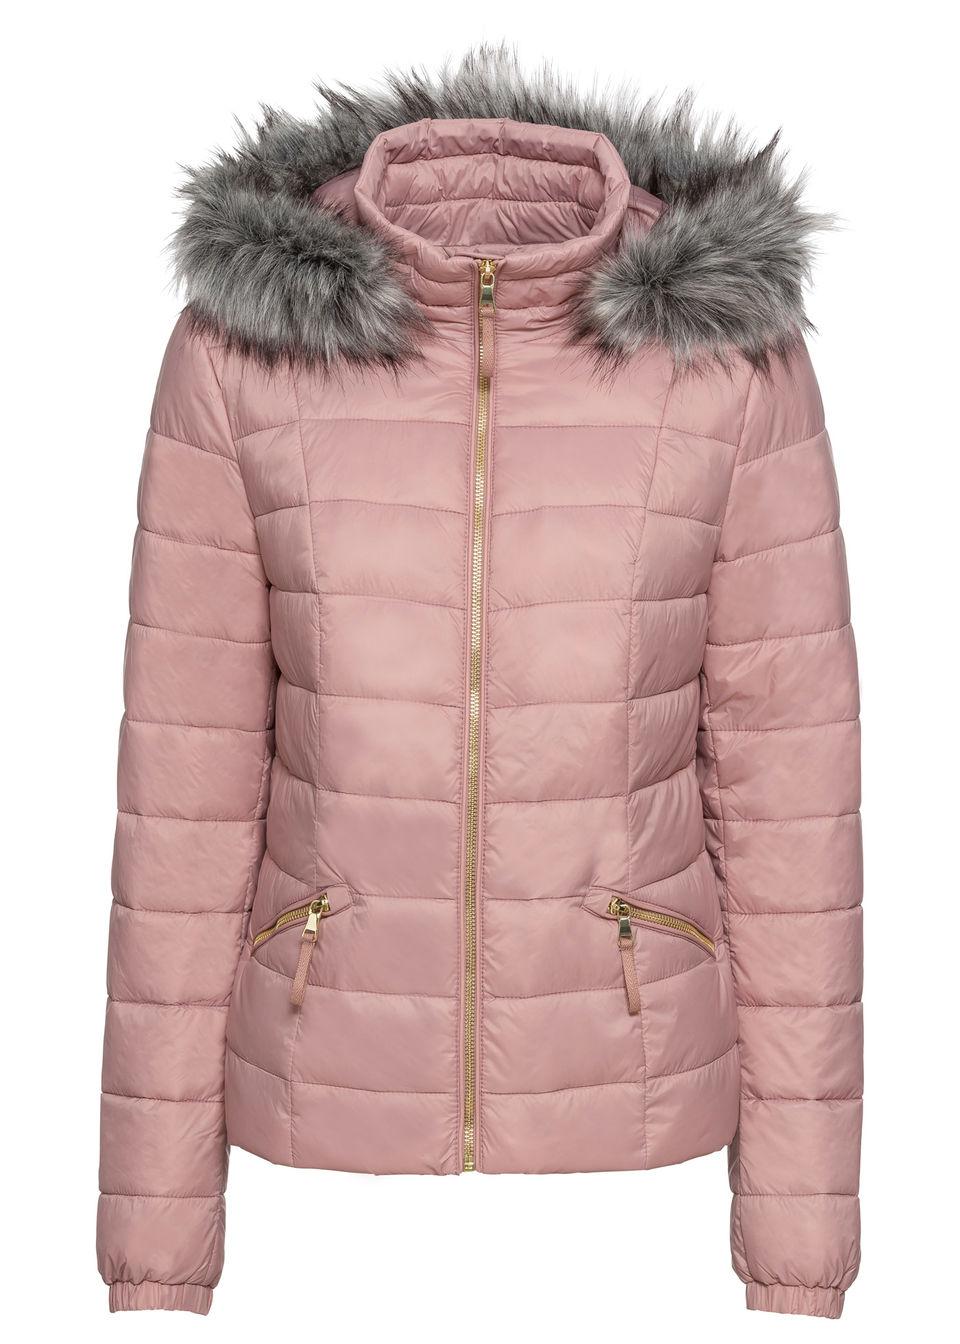 Bonprix Prešívaná bunda s kapucňou a kožušinovým golierom - Glami.sk 71705dee15a